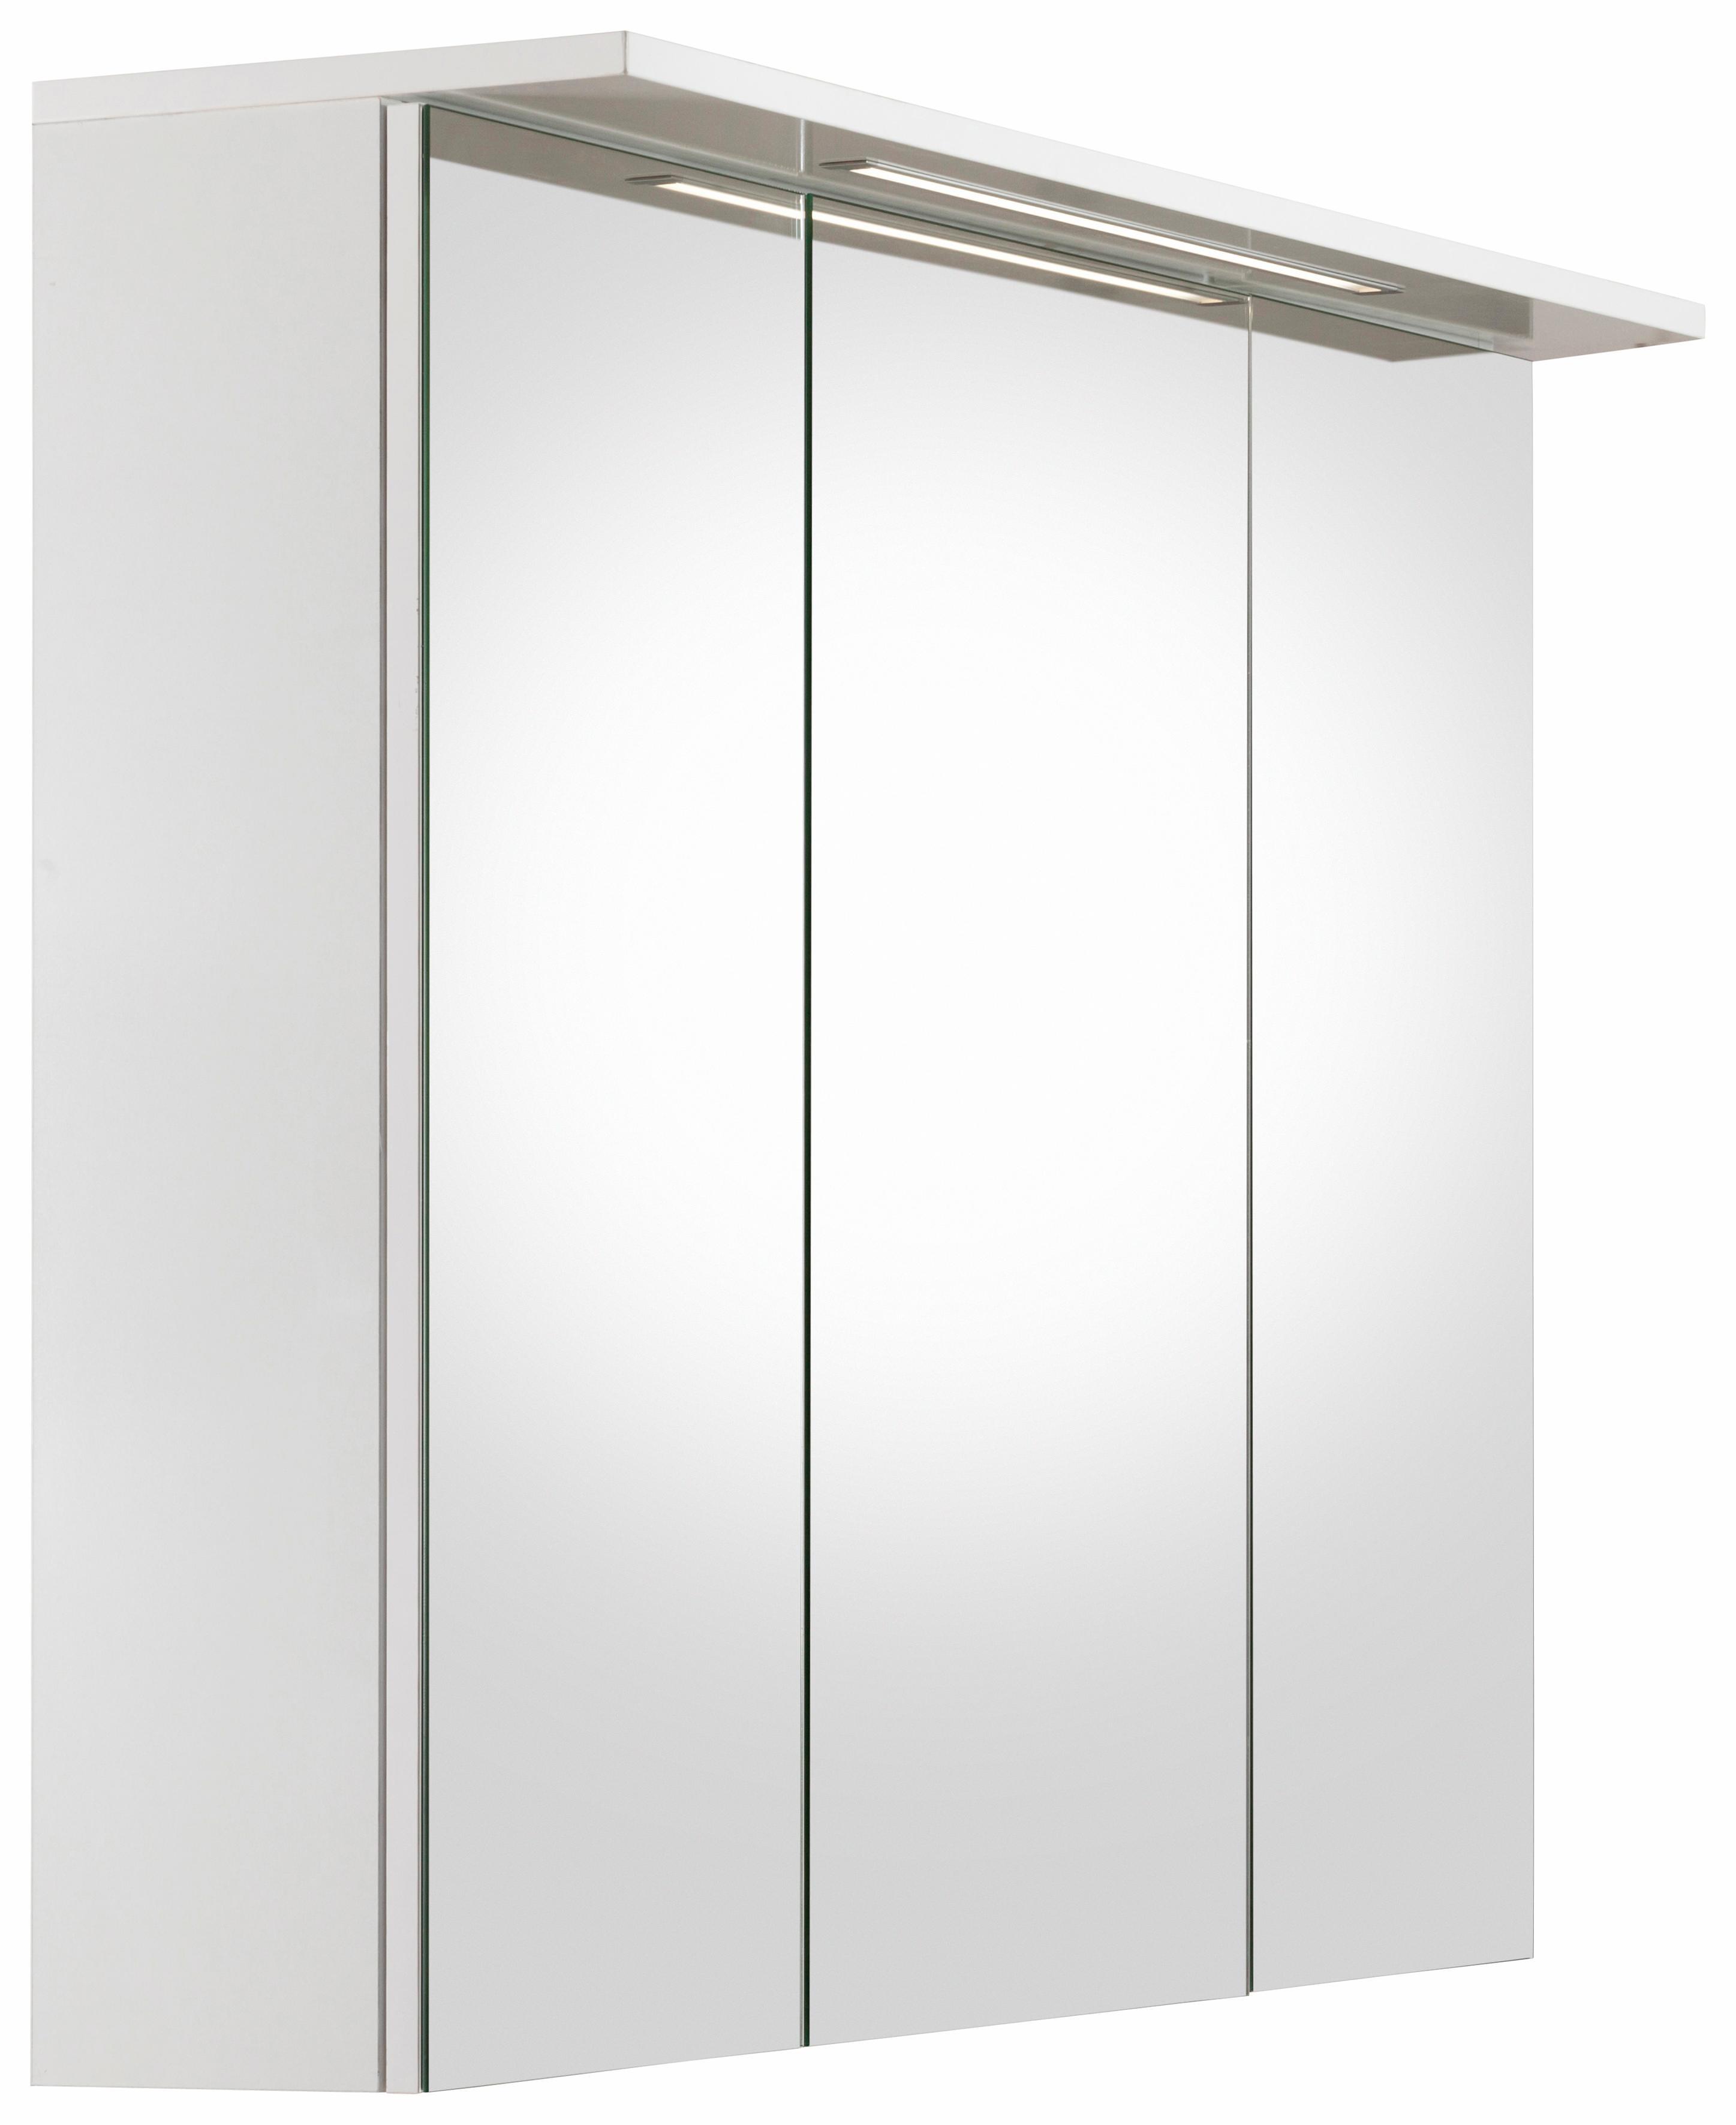 Op zoek naar een Schildmeyer spiegelkast Profiel 16 Breedte 100 cm, 3-deurs, verzonken ledverlichting, schakelaar-/stekkerdoos, glasplateaus, Made in Germany? Koop online bij OTTO